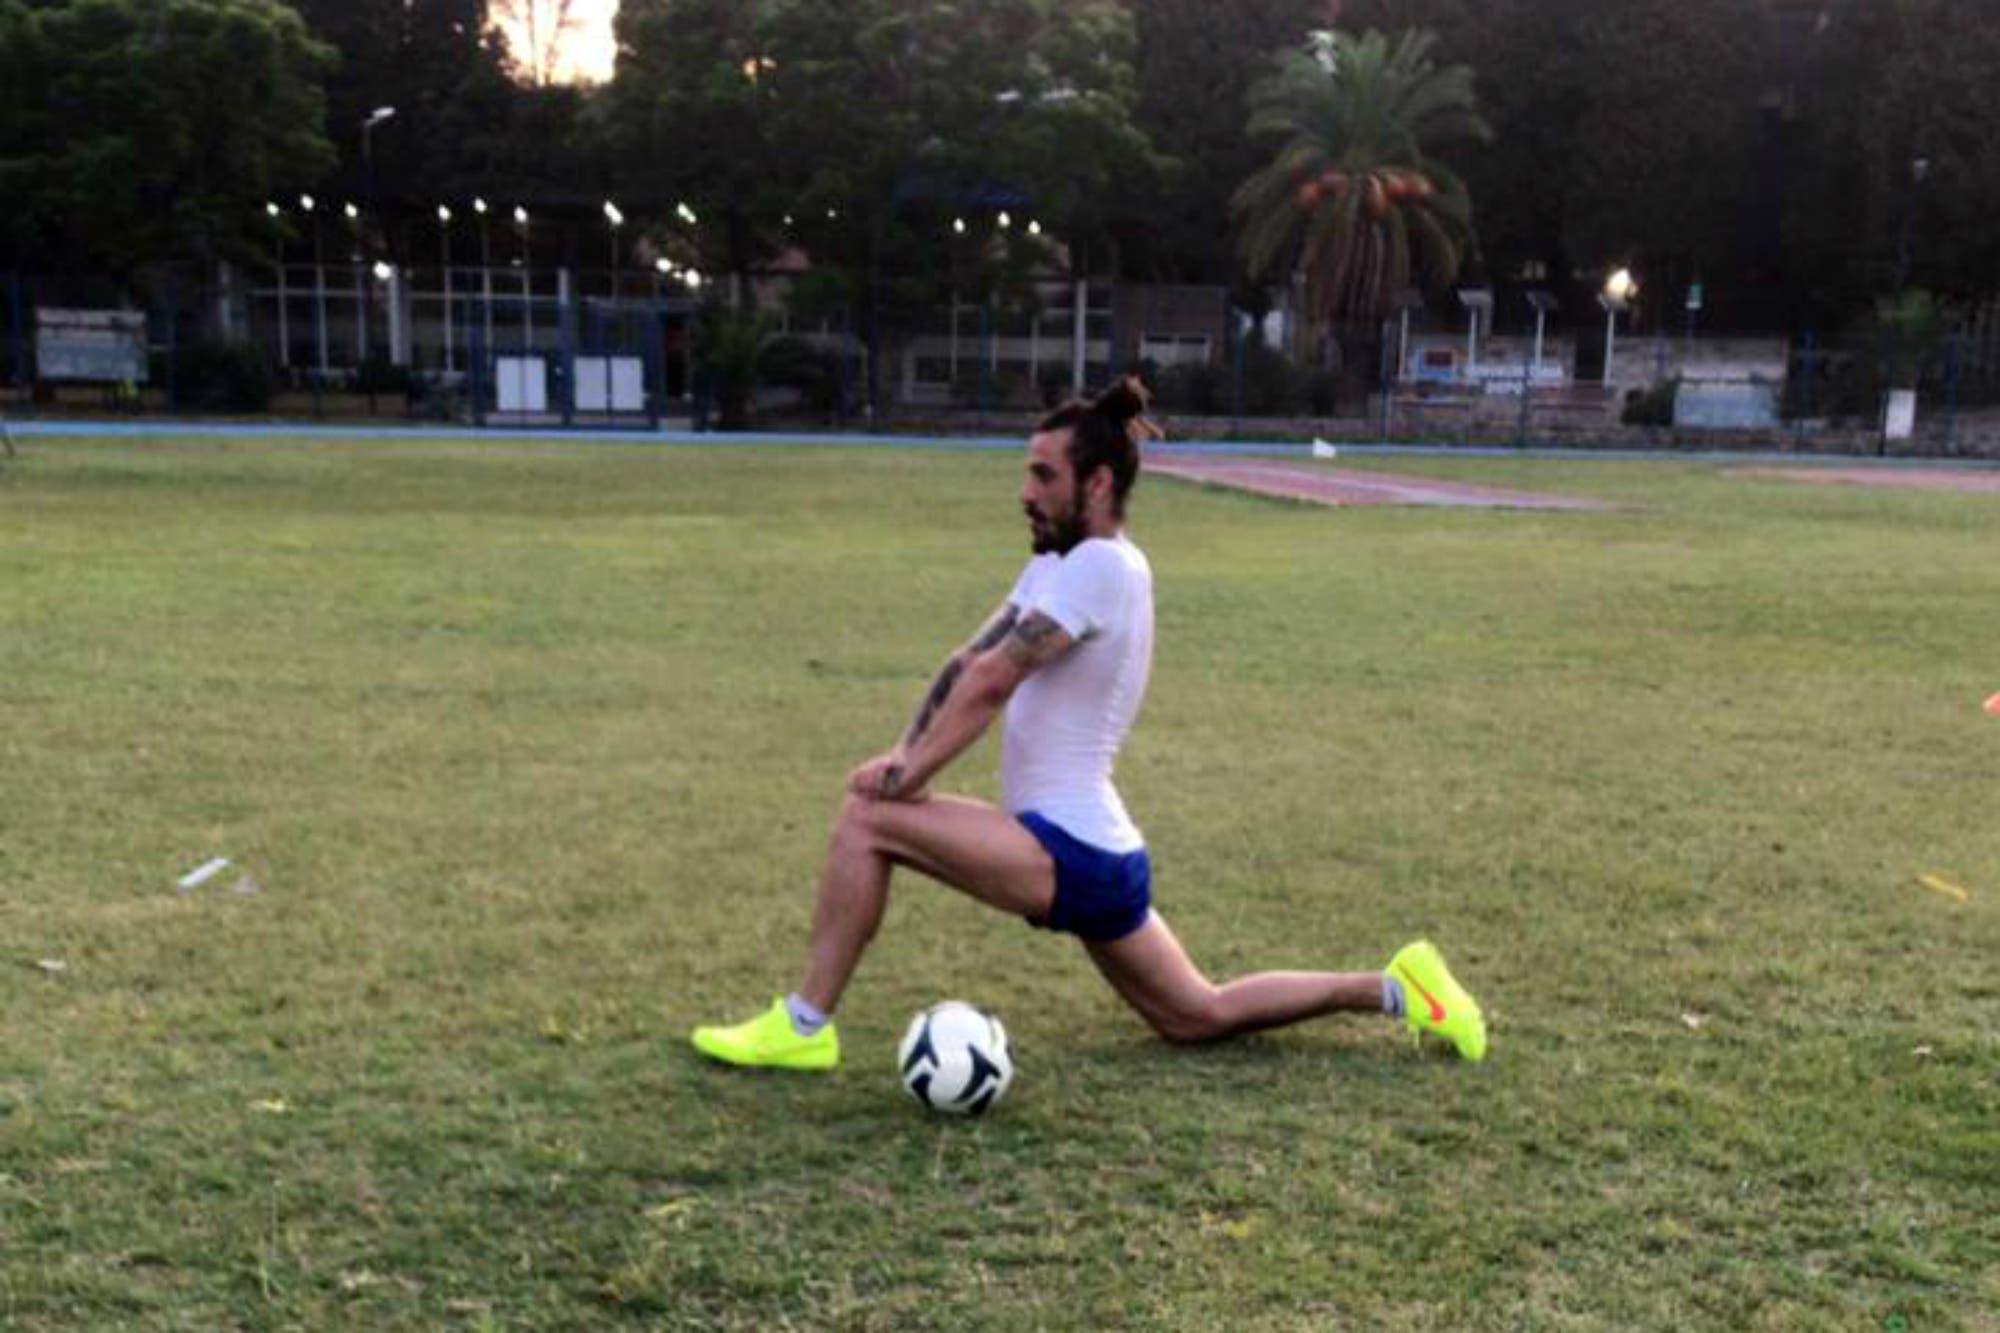 El regreso de Daniel Osvaldo: la puesta a punto en el último día del año antes de firmar para Banfield